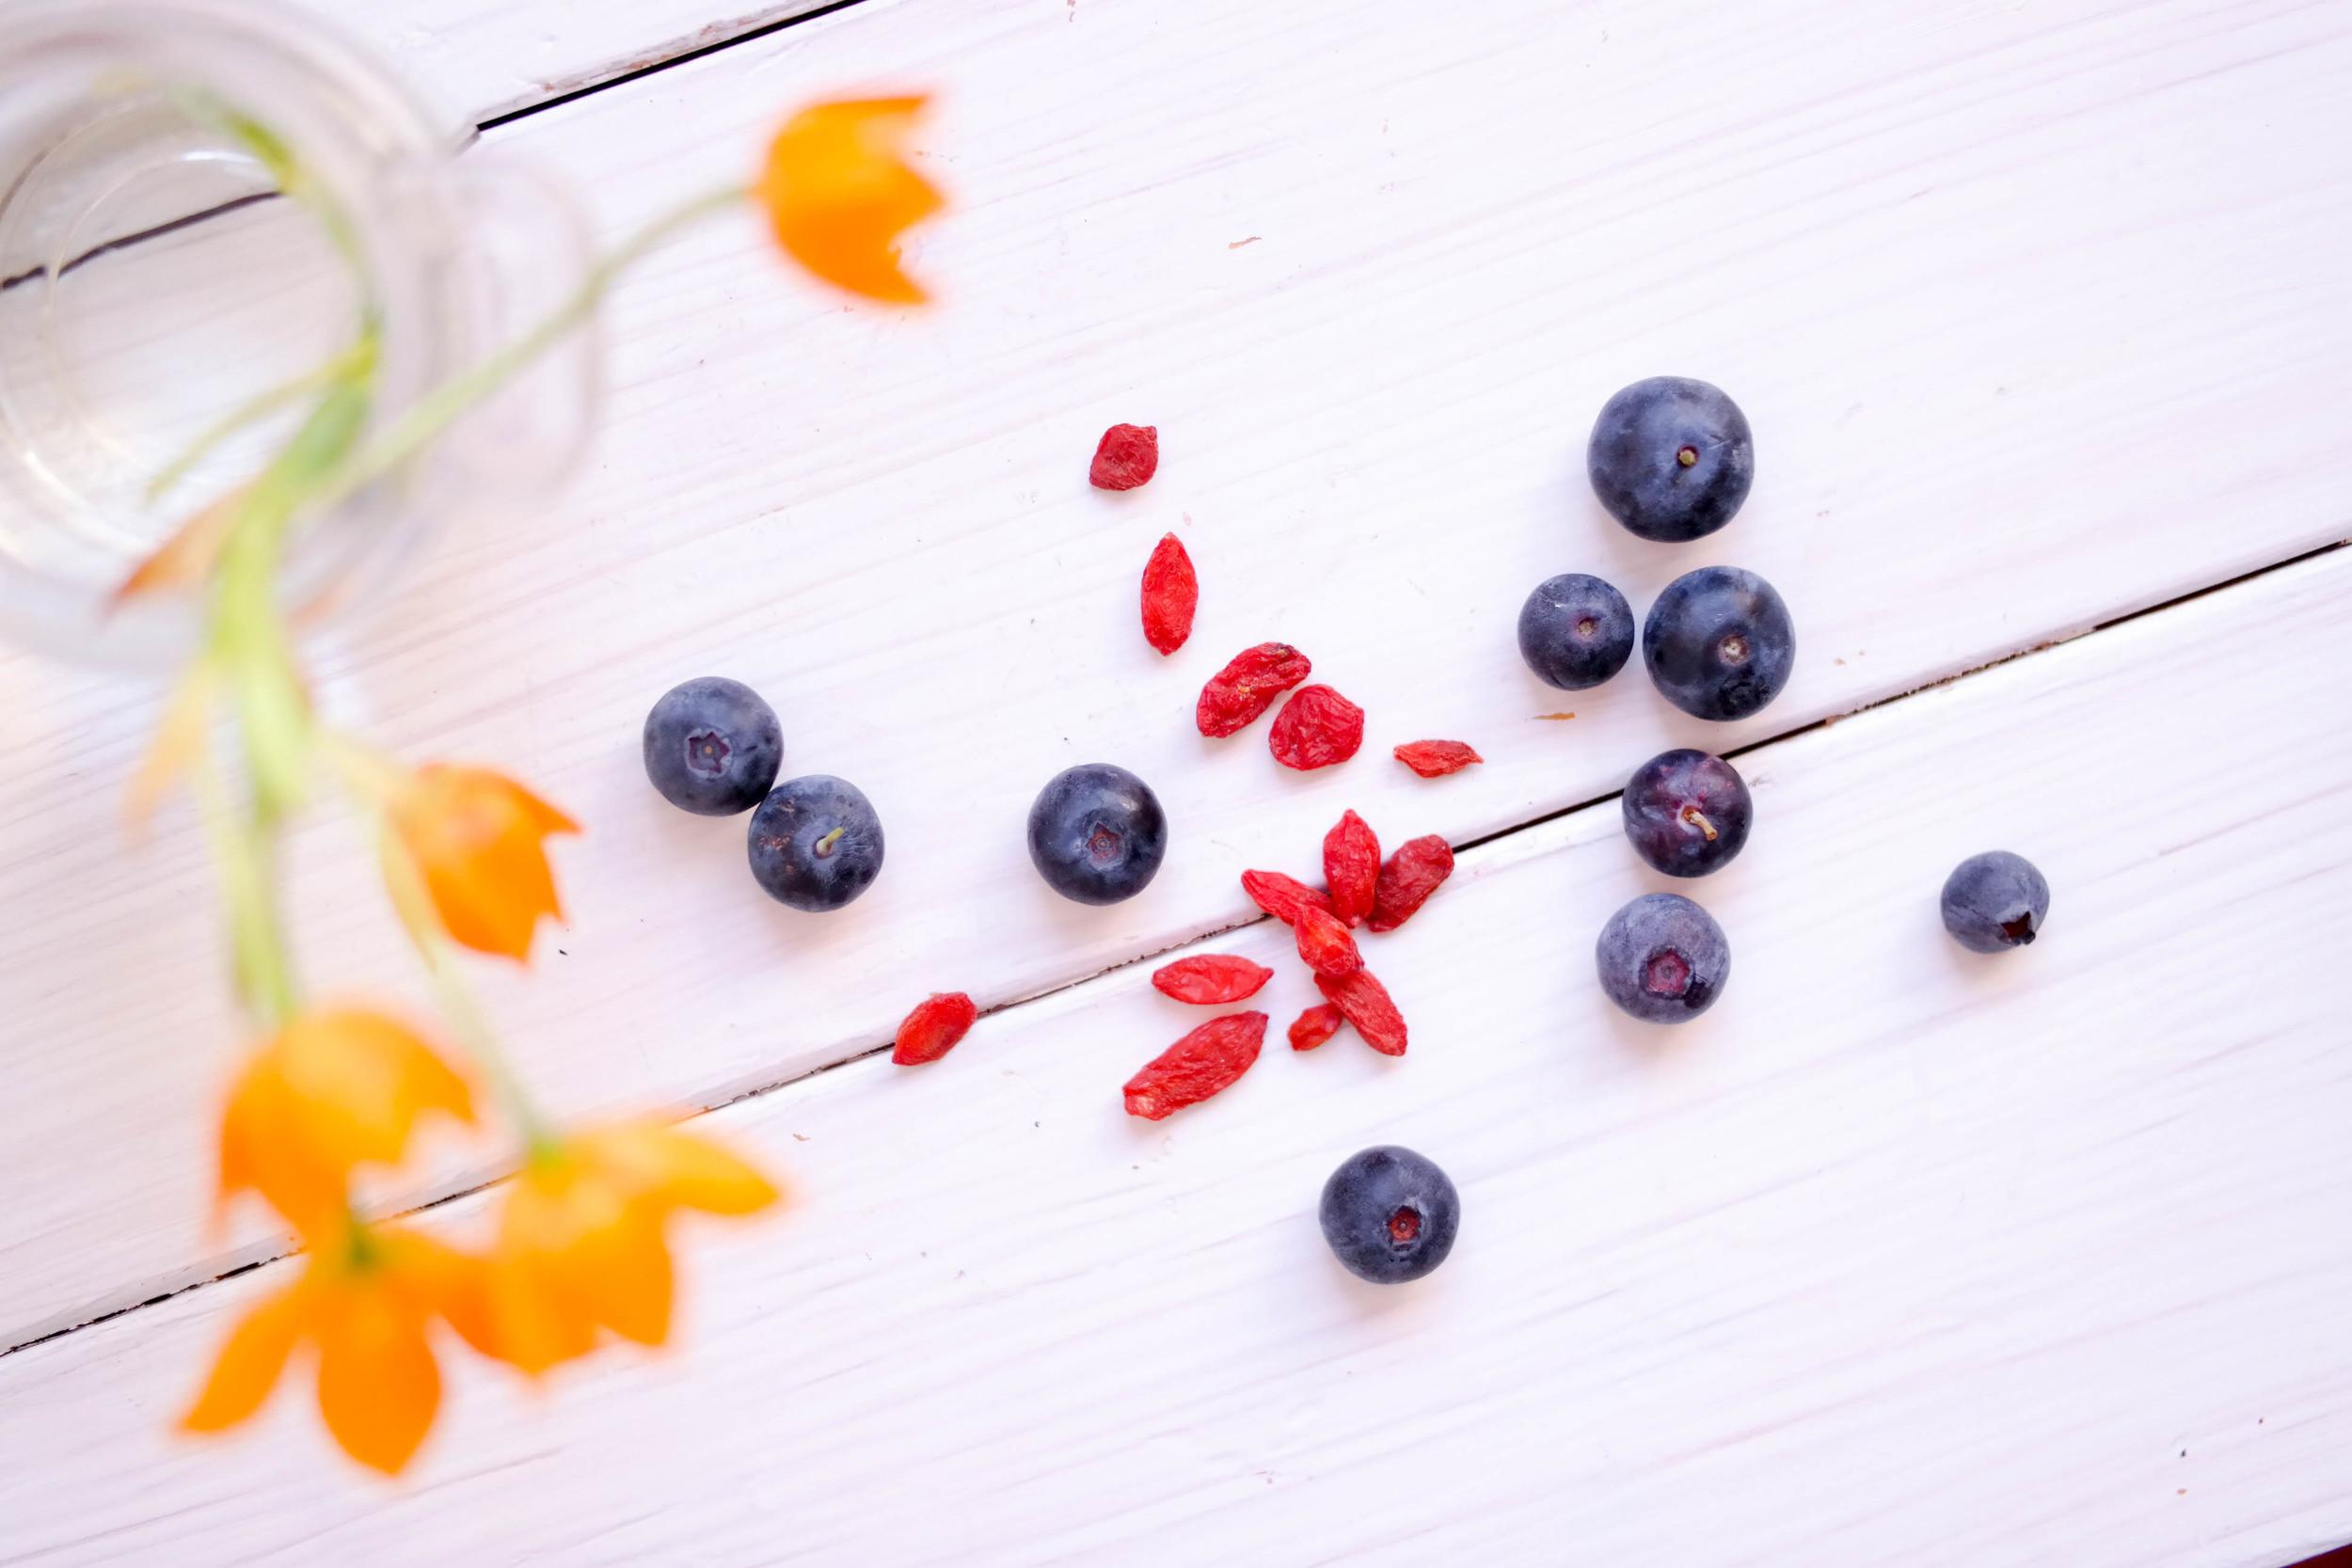 5-A-Cherry-Strawberry-Smoothie-Bowl   www.8thandlake.com